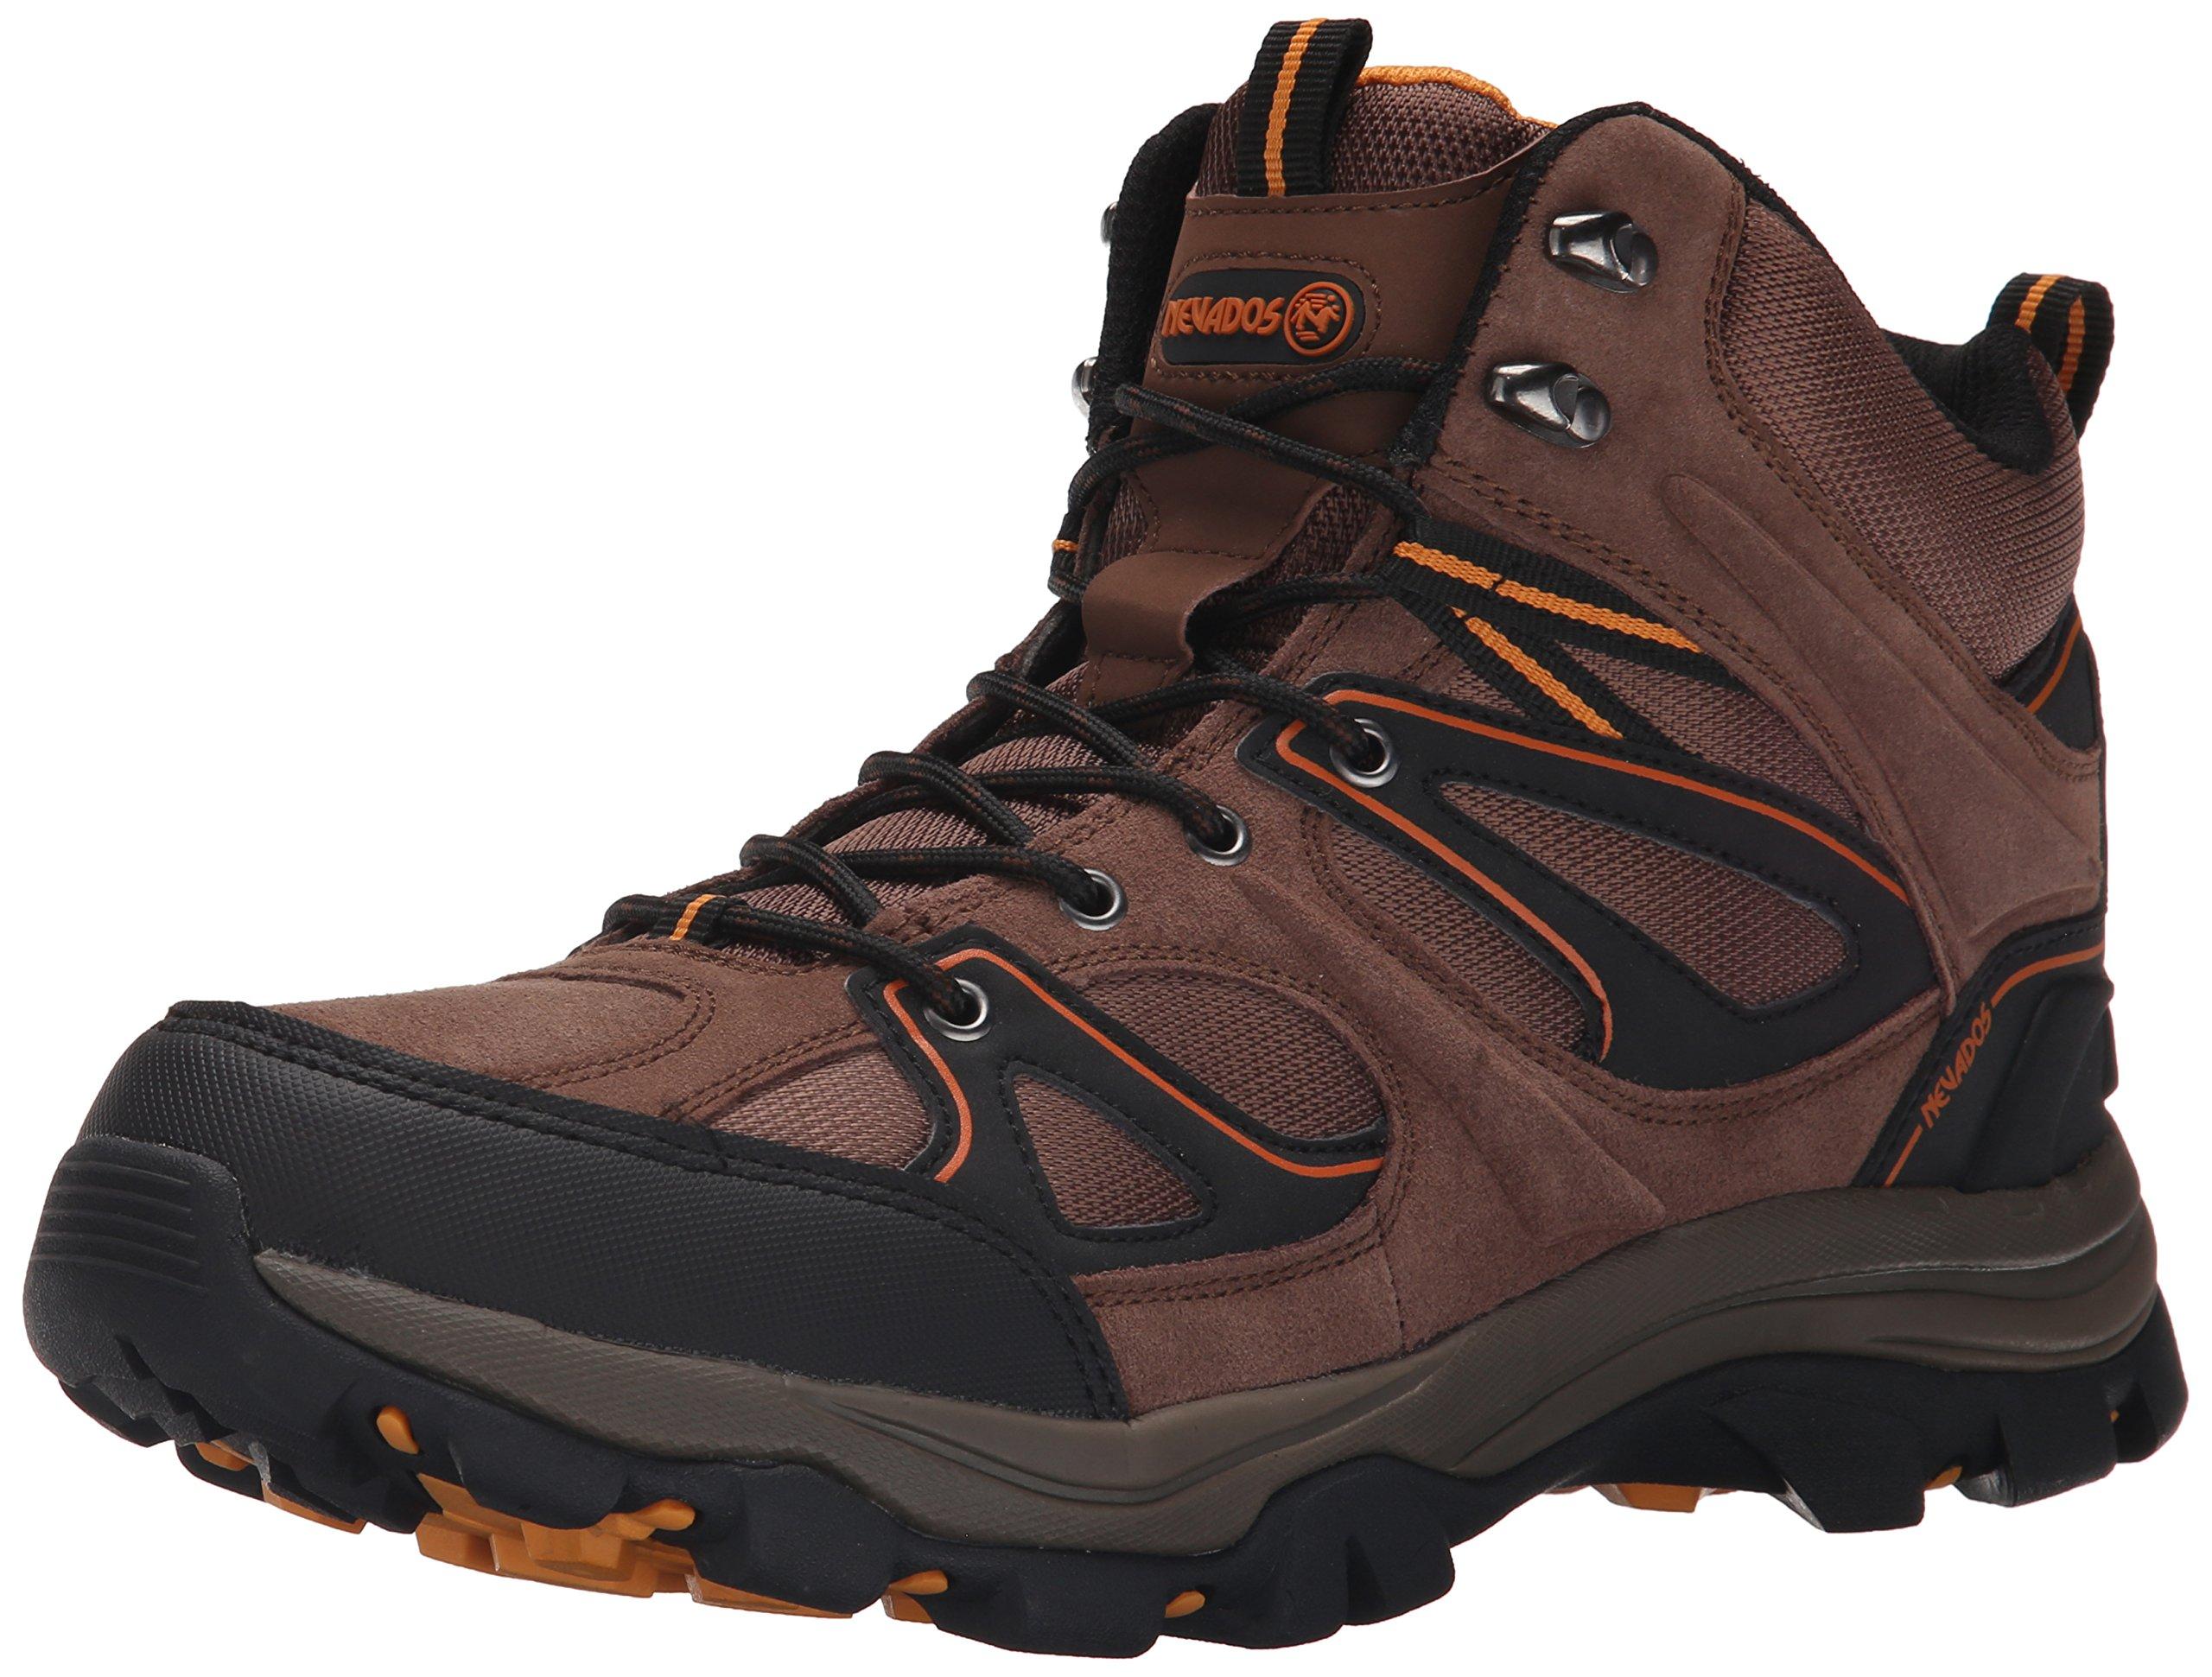 Nevados Men's Talus Hiking Boot, Dark Tan/Black/Orange, 12 M US